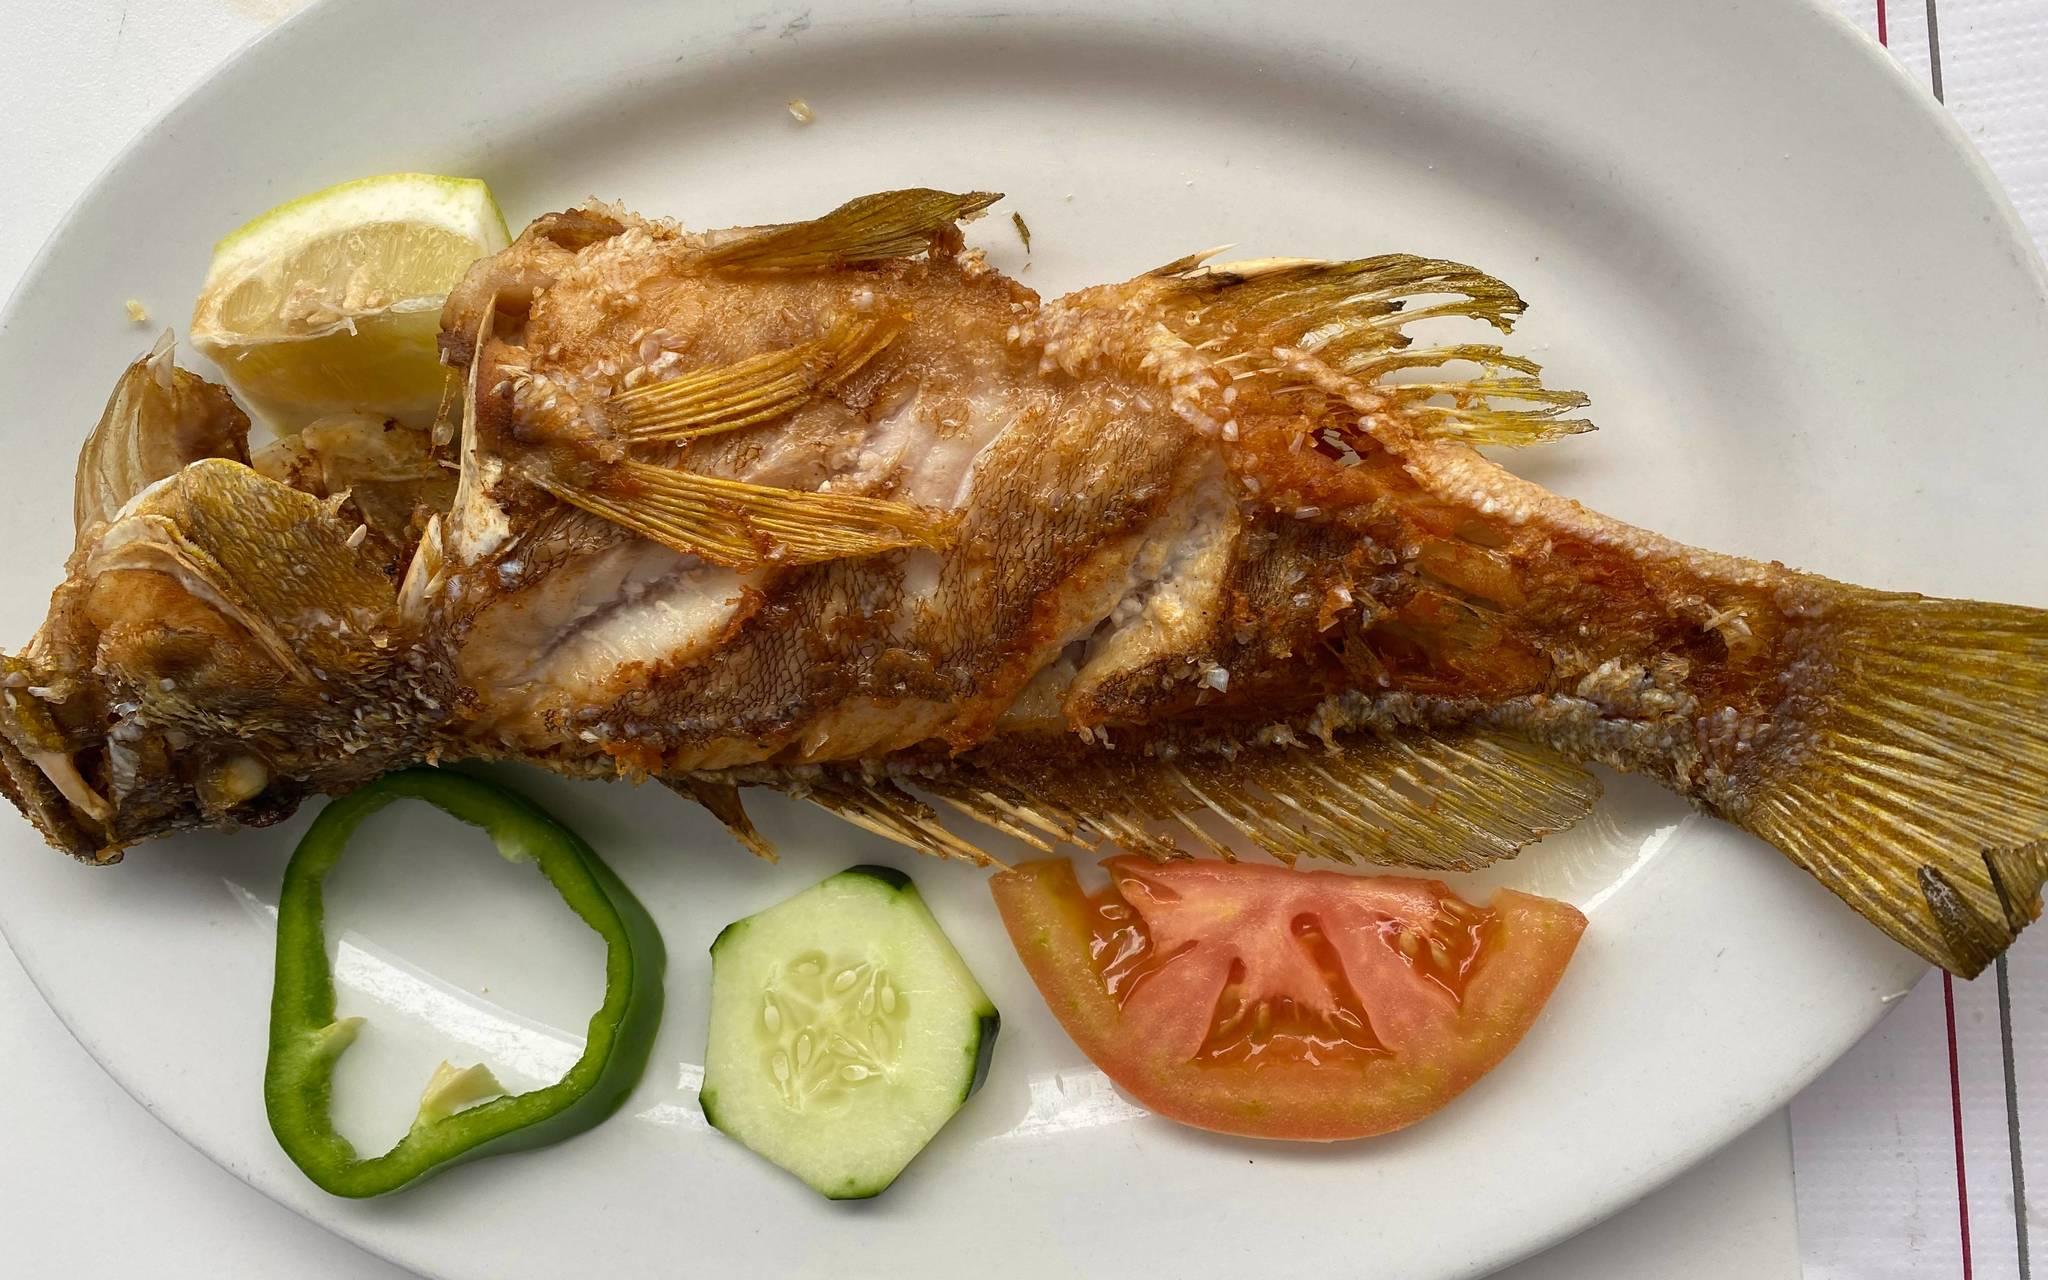 El pescado local reina en la carta de los restaurantes.